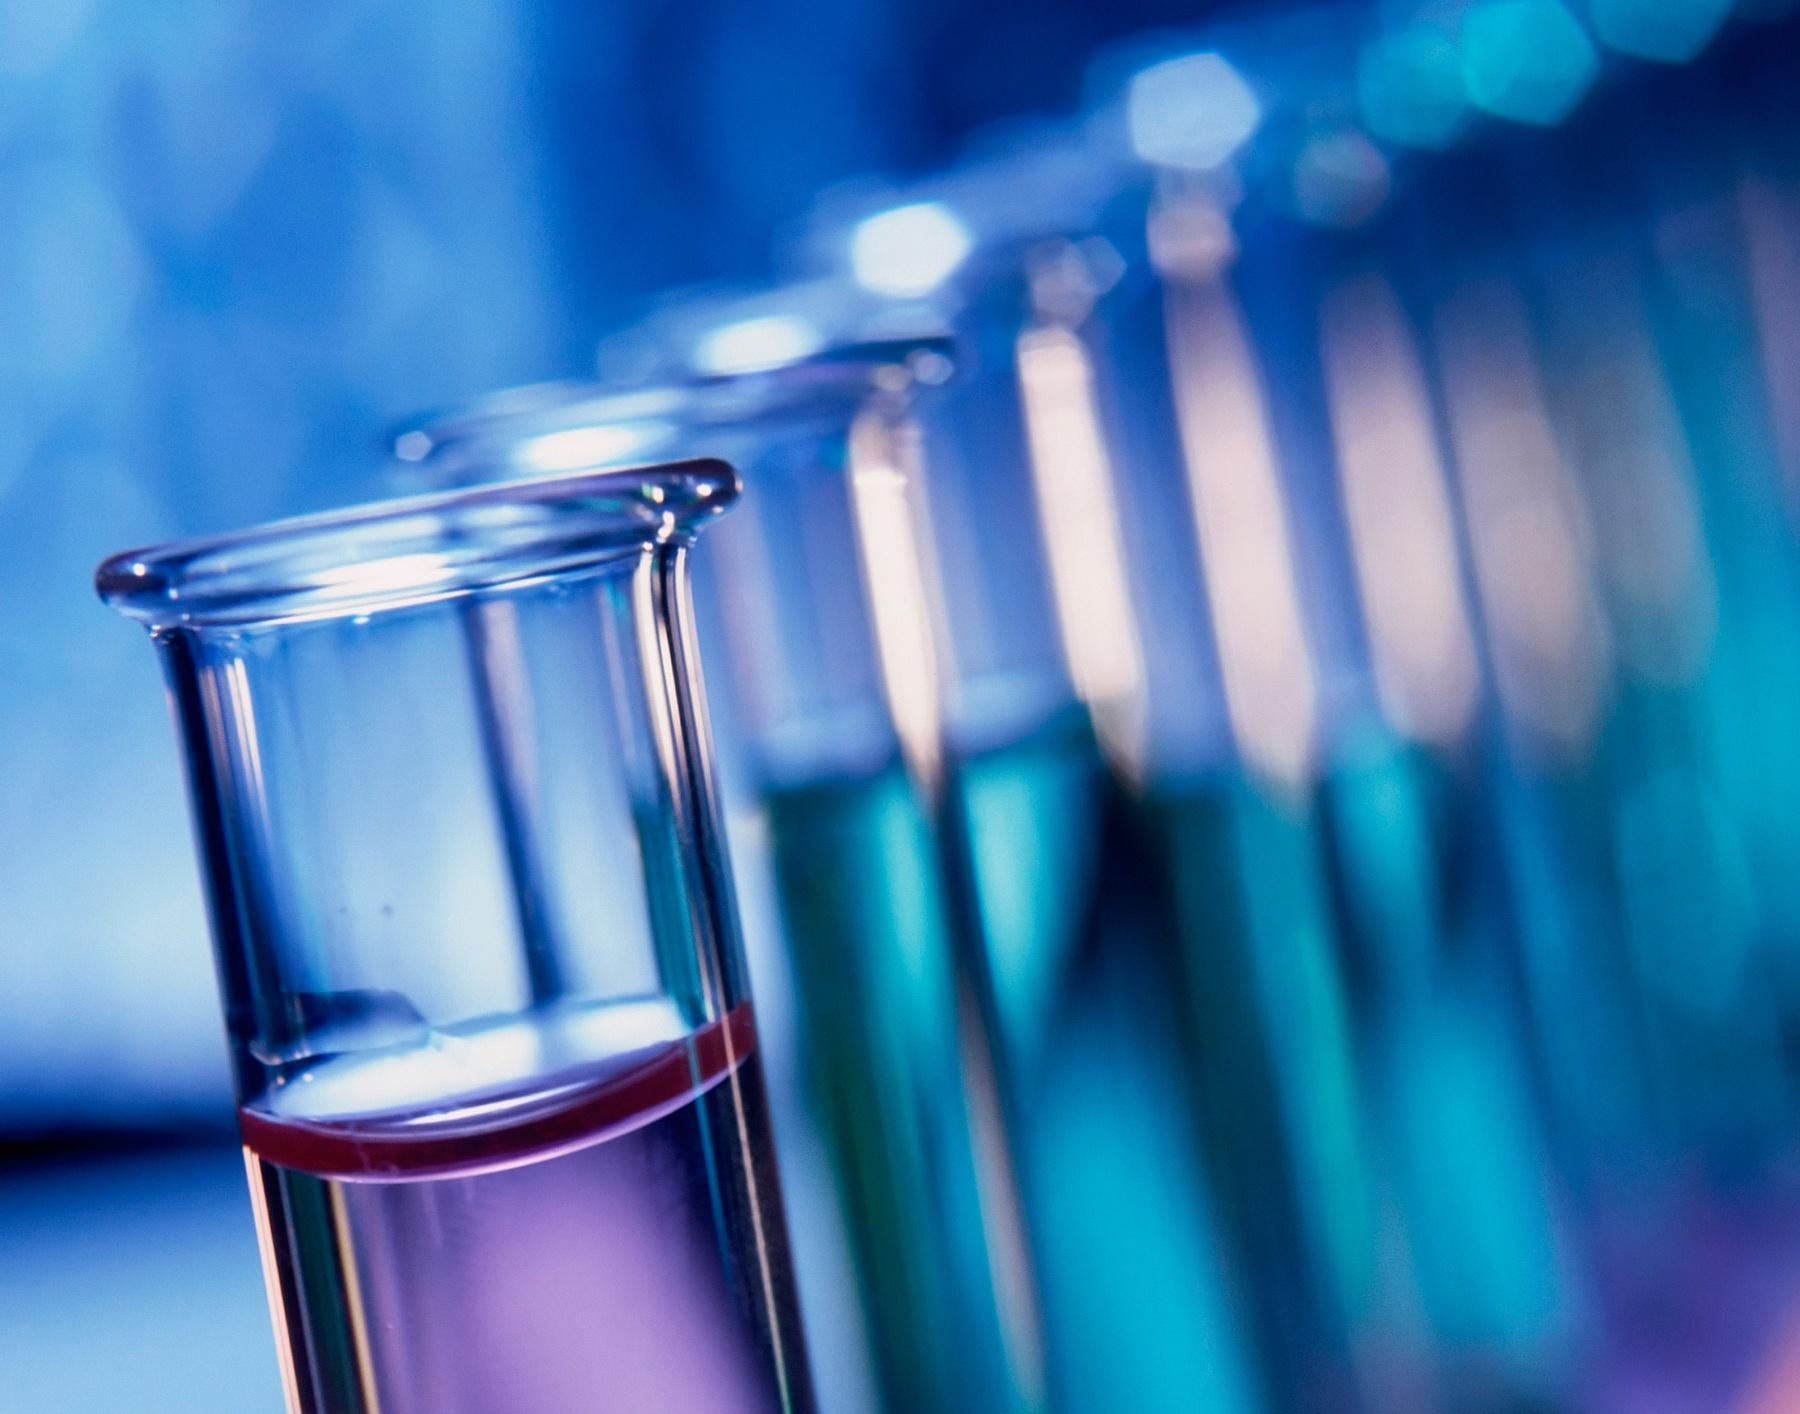 Reagenzgläser mit verschiedenfarbigen Flüssigkeiten in einem Ständer